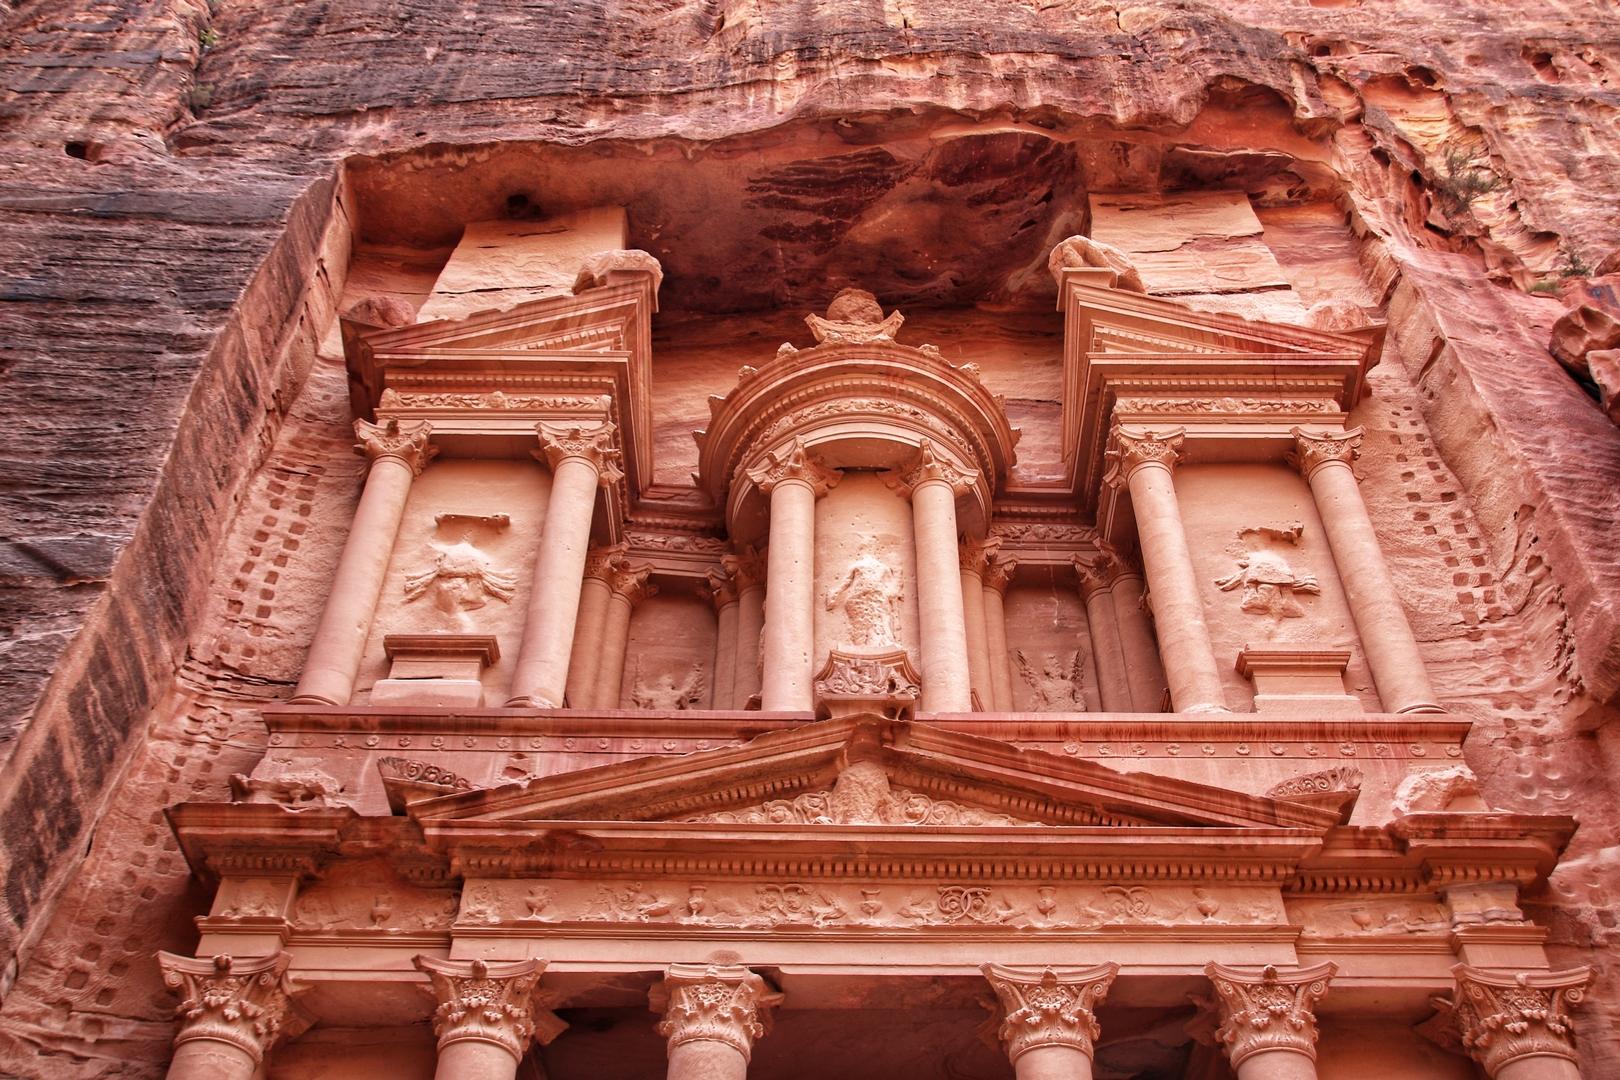 Jordanie - Le khazneh / trésor, monument principal du site de Petra